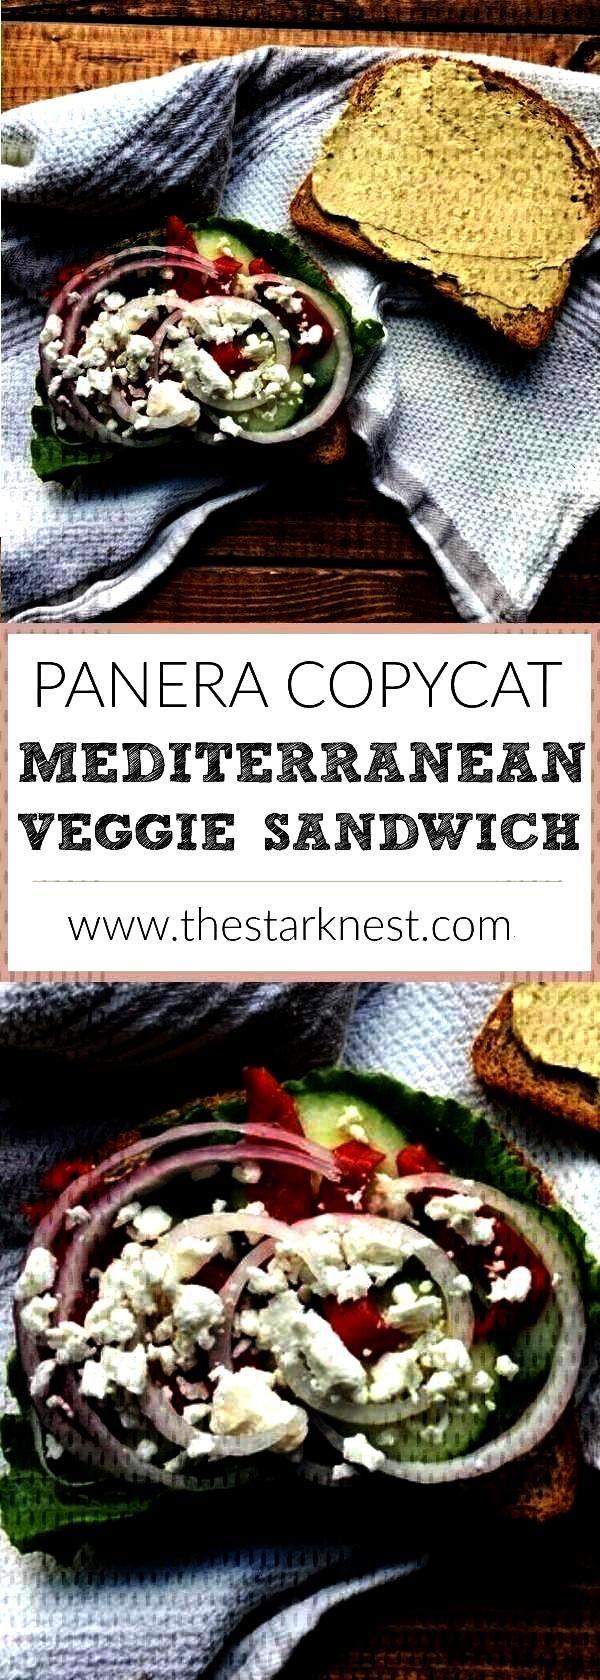 Mediterranean Veggie Sandwich | The Stark Nest - Lunch -Panera Bread Inspired Mediterranean Veggie